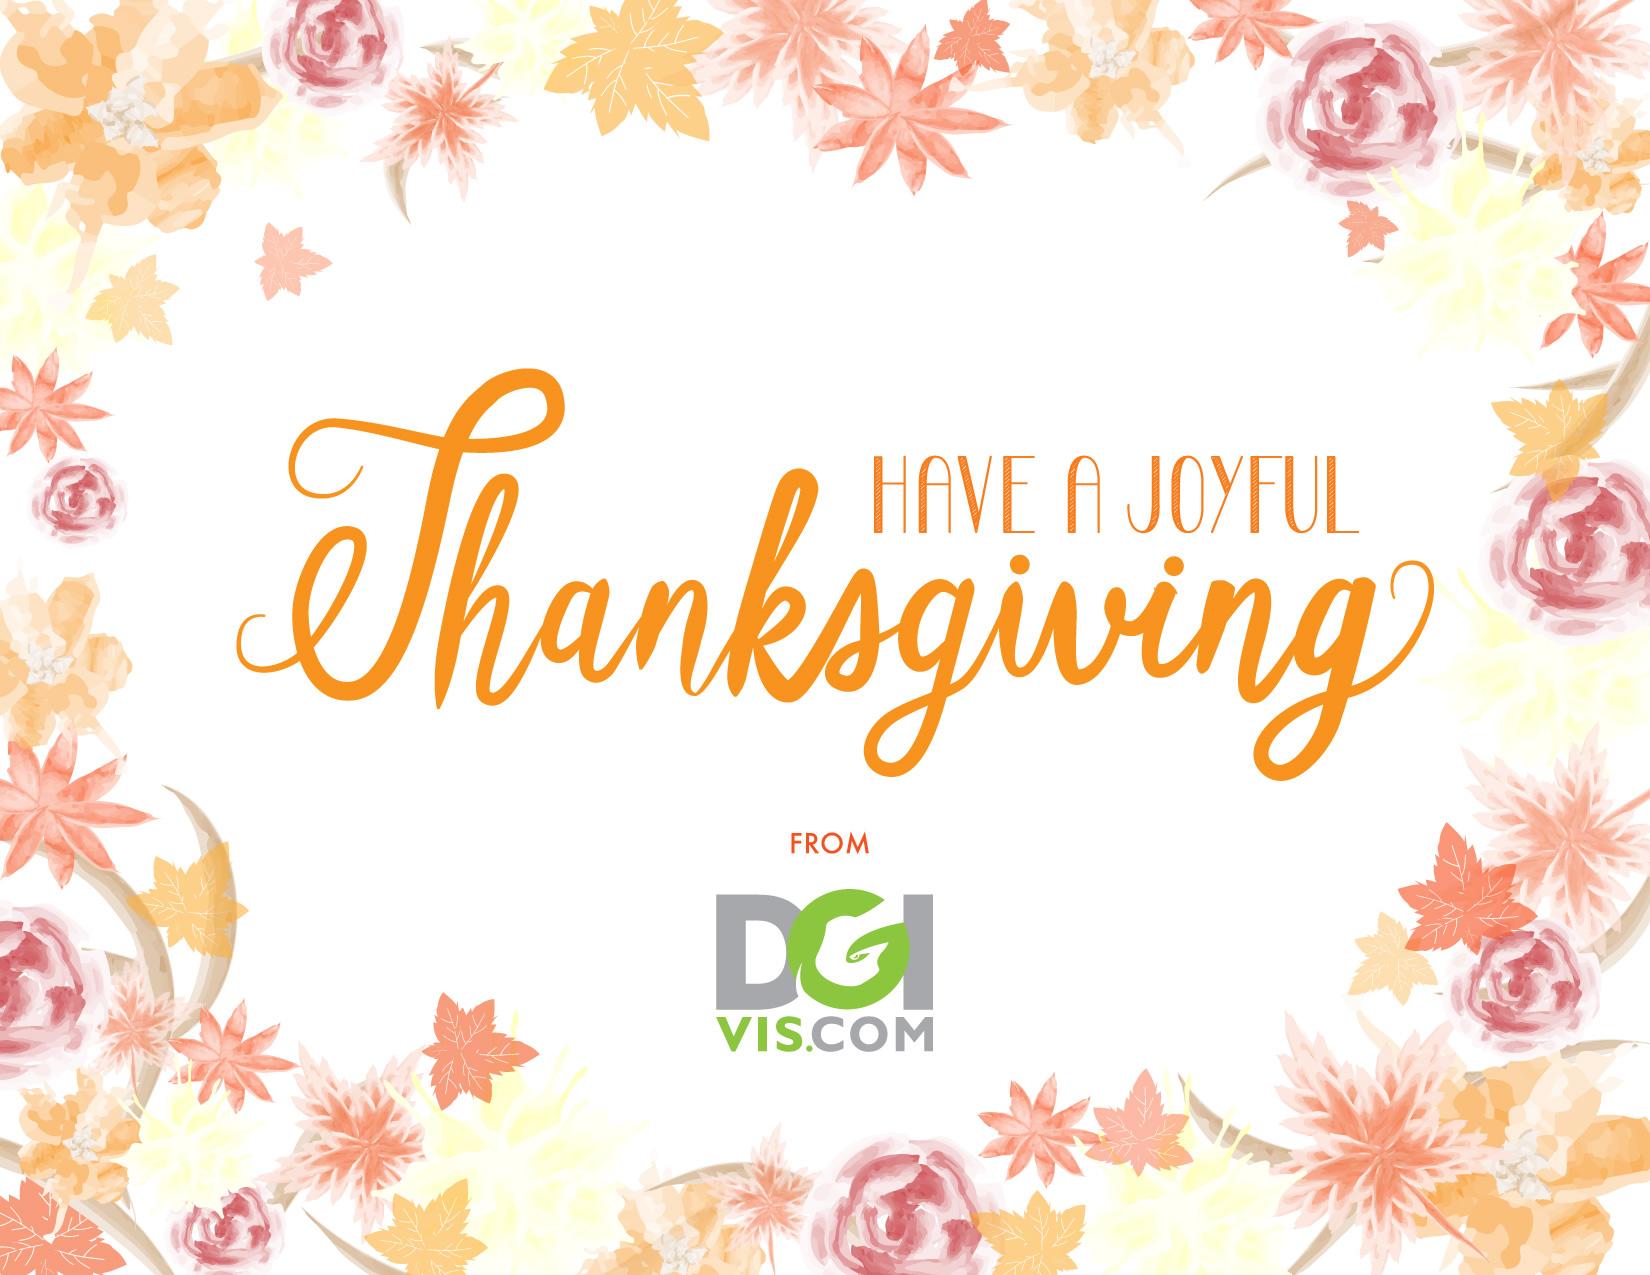 dgi-viscom_2016-thanksgiving-greeting